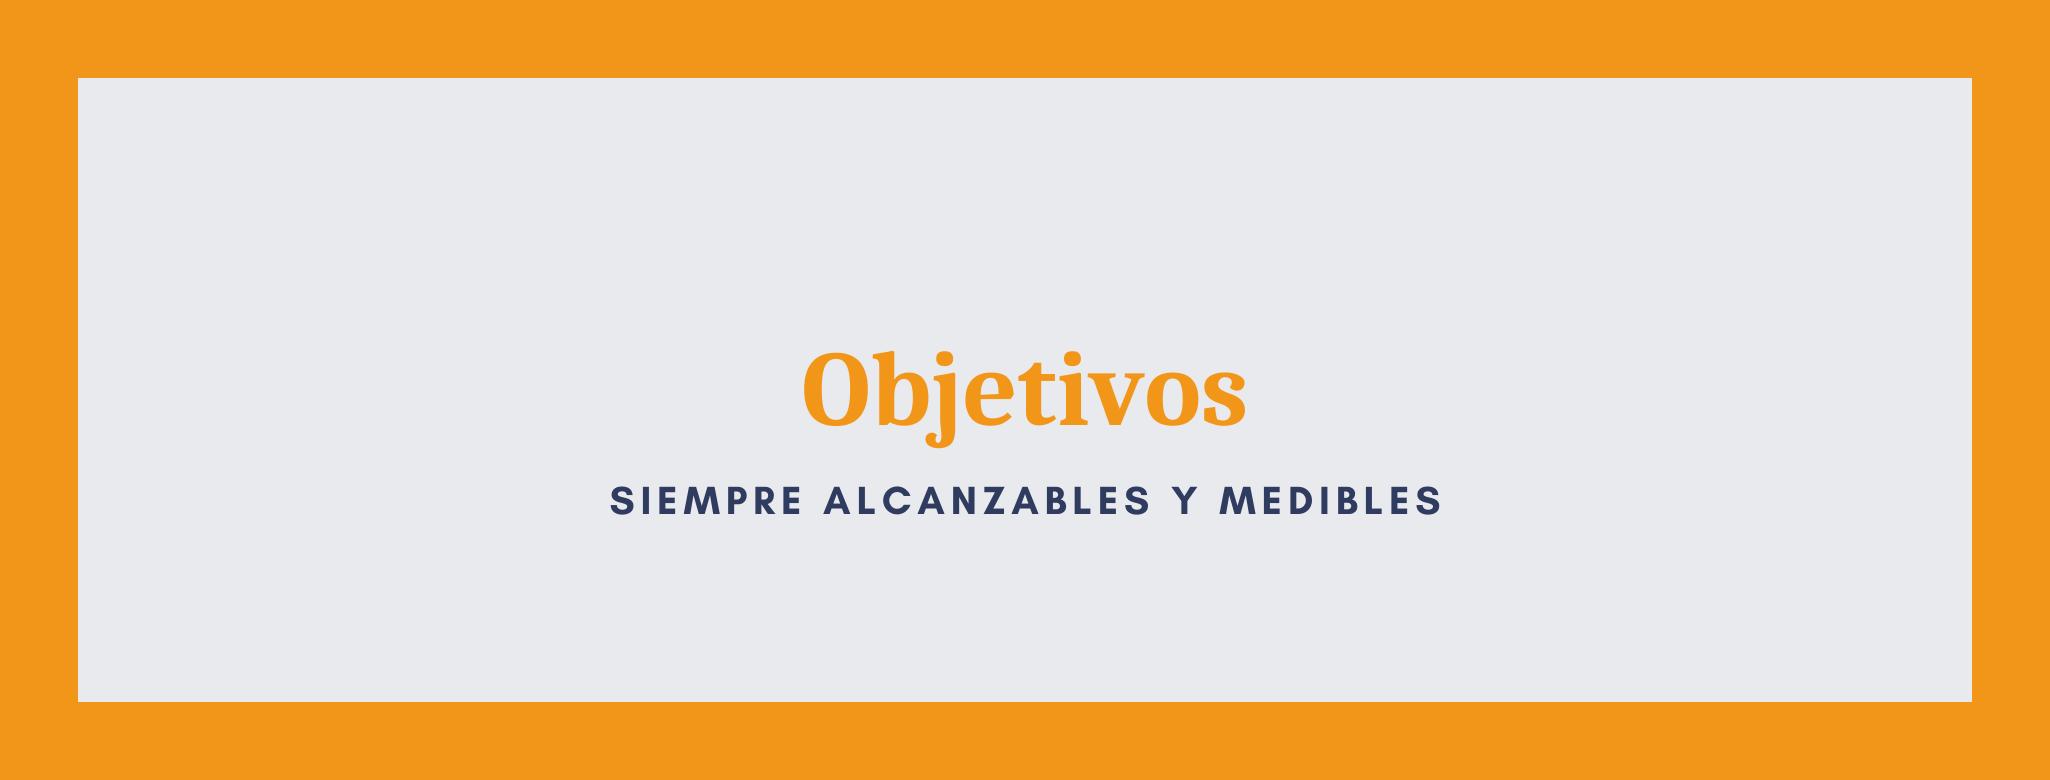 Infografía sobre objetivos alcanzables y medibles.